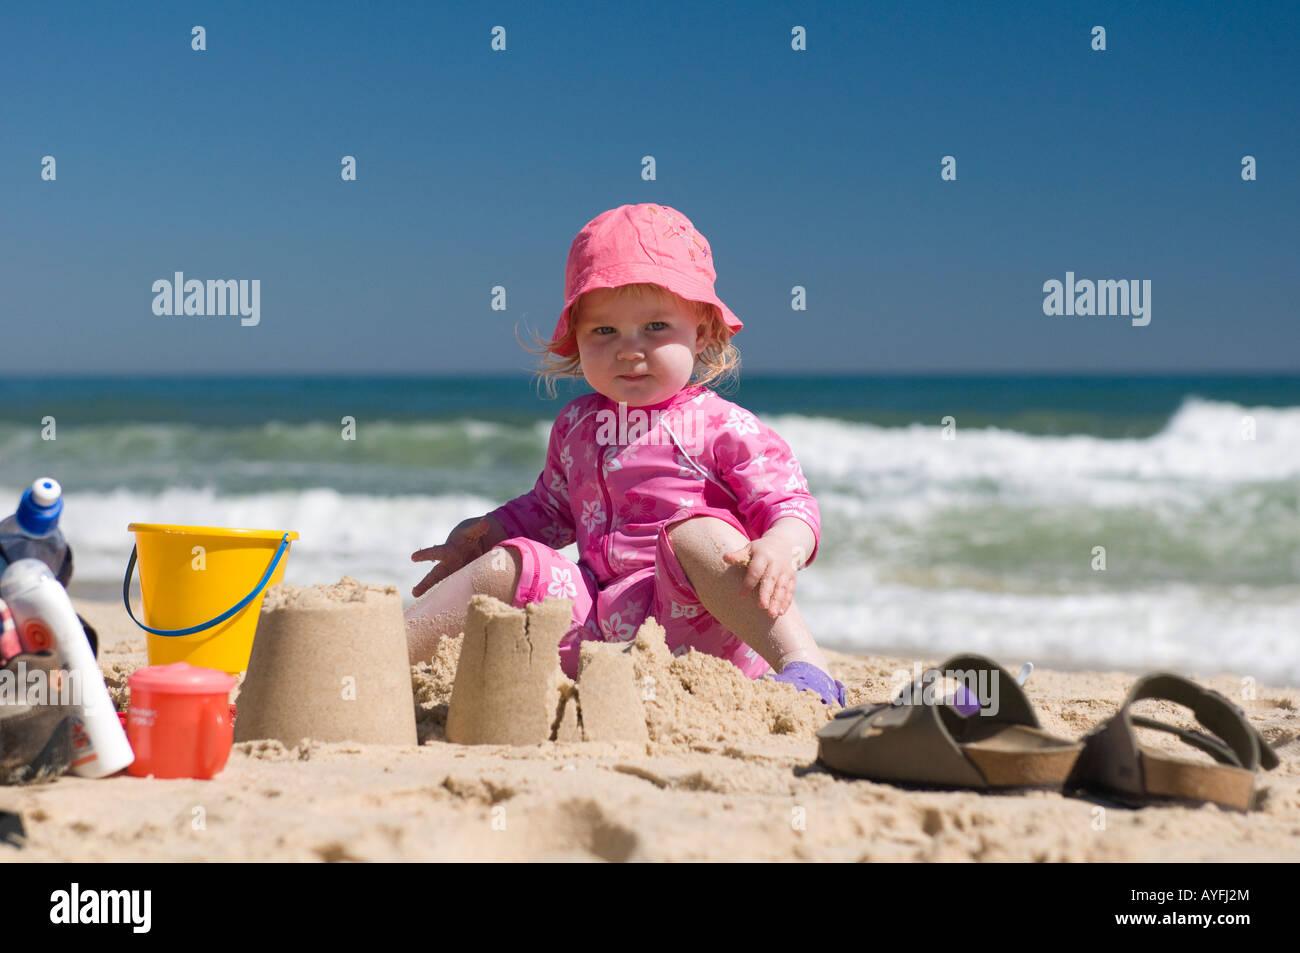 Il Toddler giocando sulla spiaggia in Ilha de Tavira, Portogallo Immagini Stock